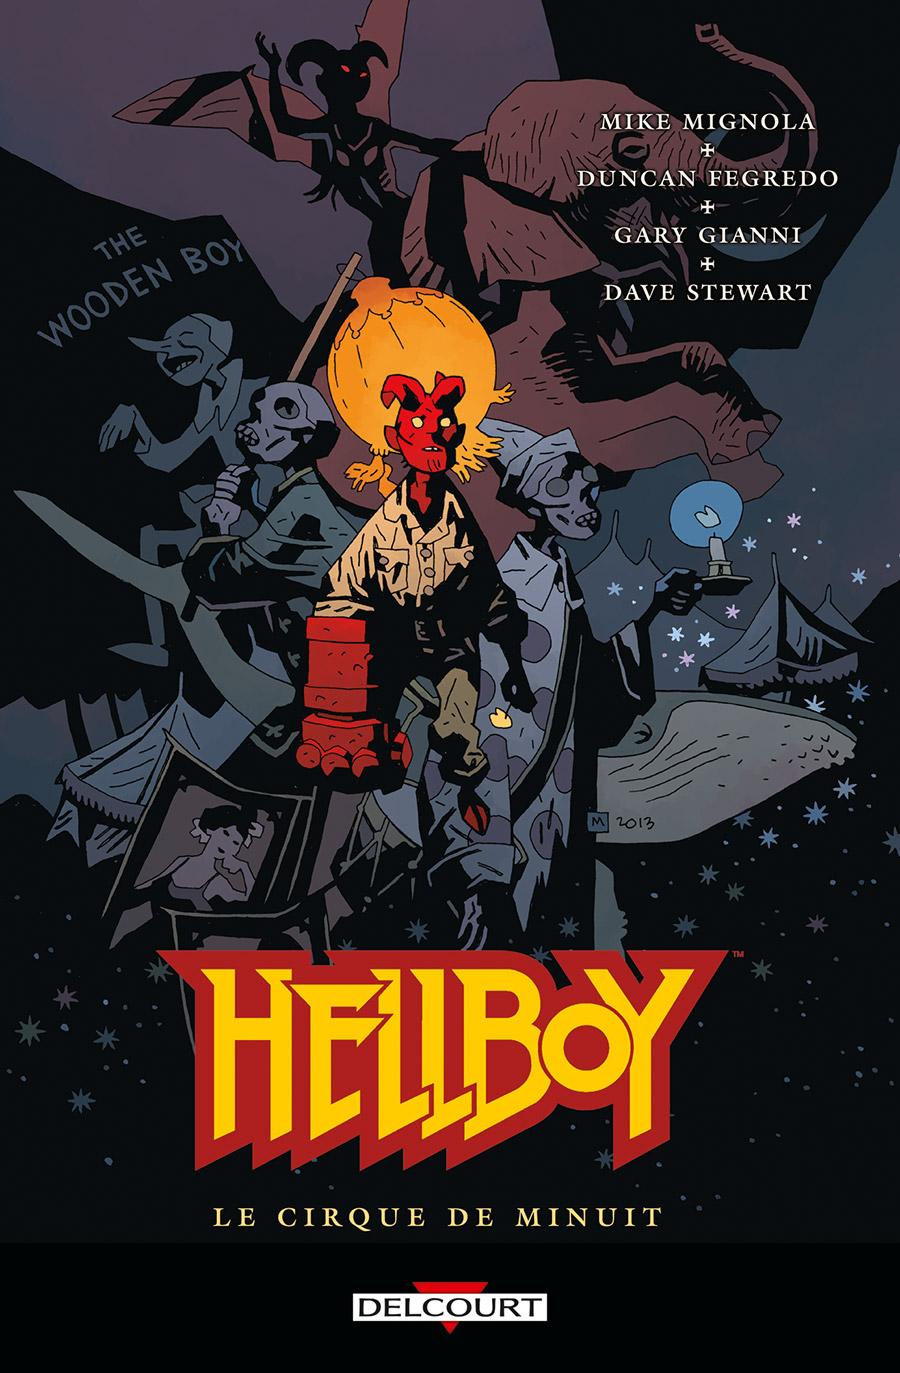 Hellboy 16 - Le Cirque de minuit